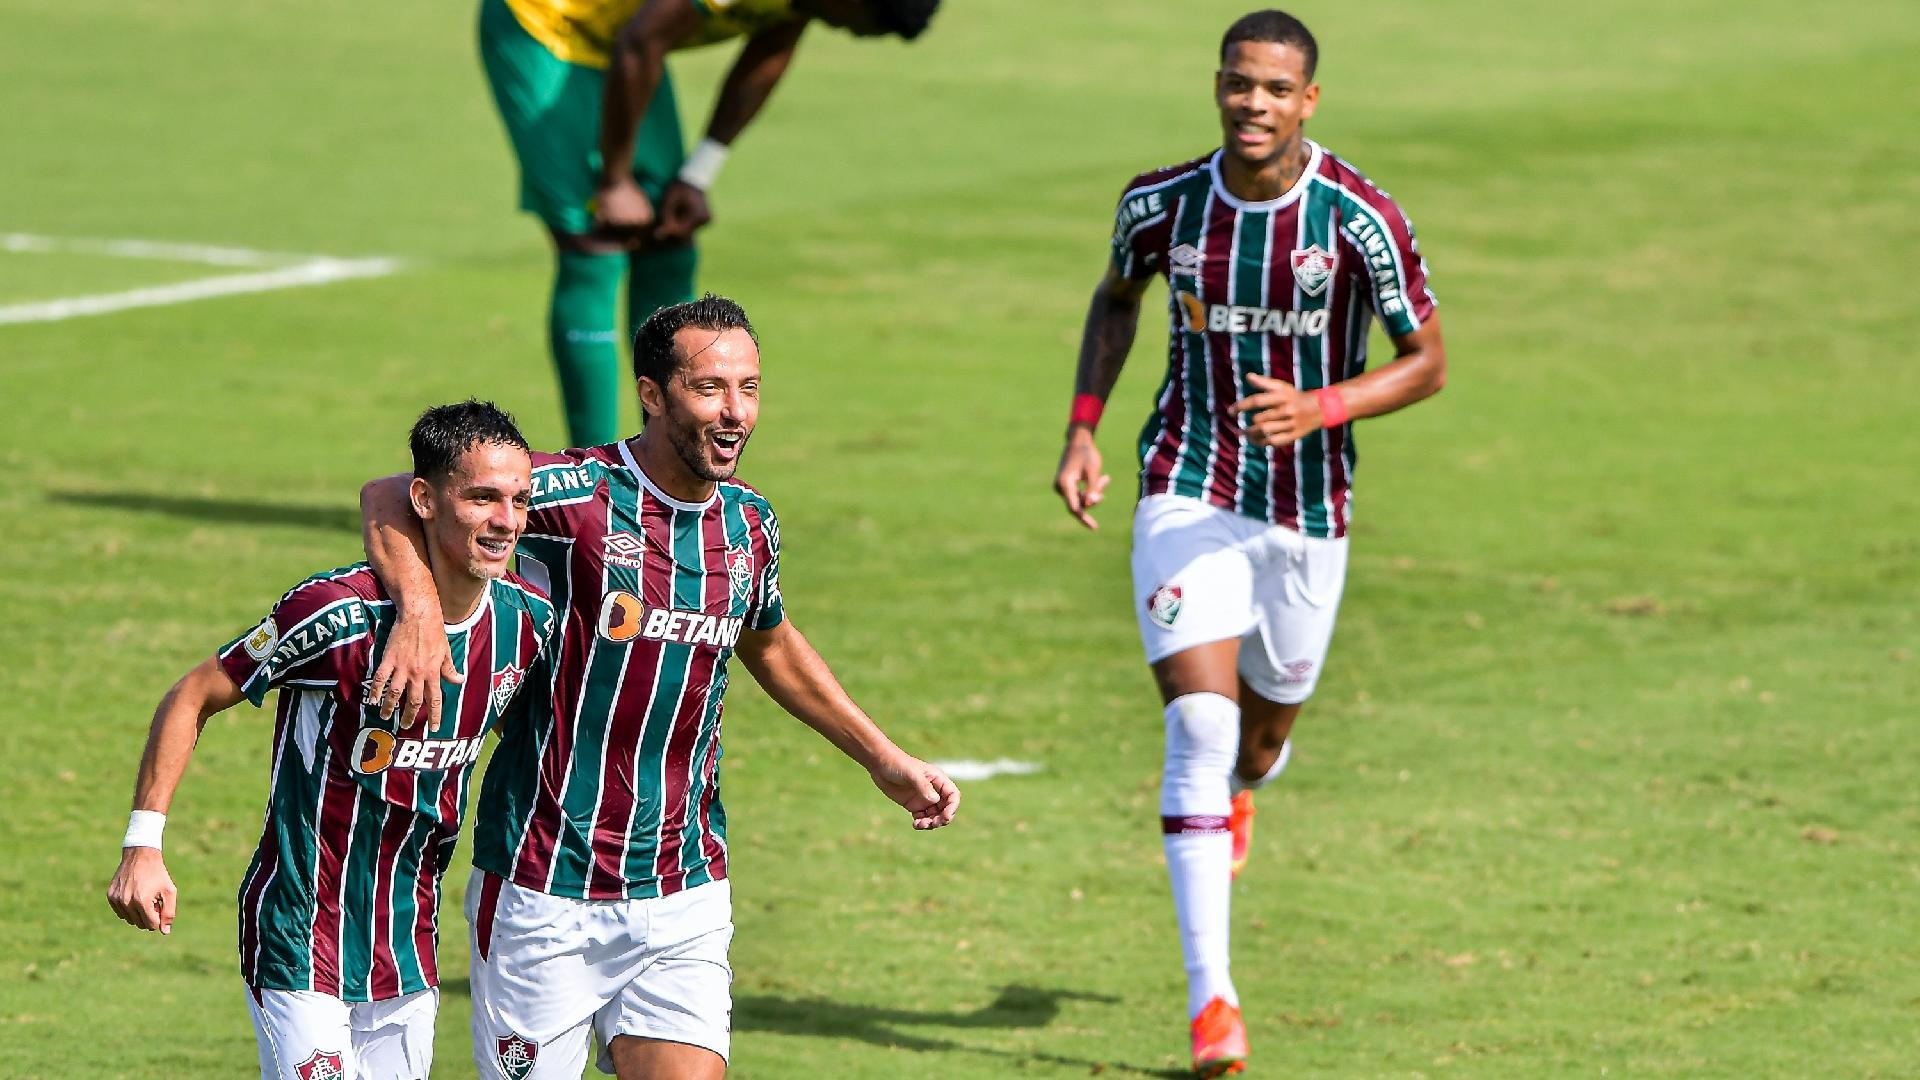 Gabriel Teixeira e Nenê comemoram gol do Fluminense contra o Cuiabá